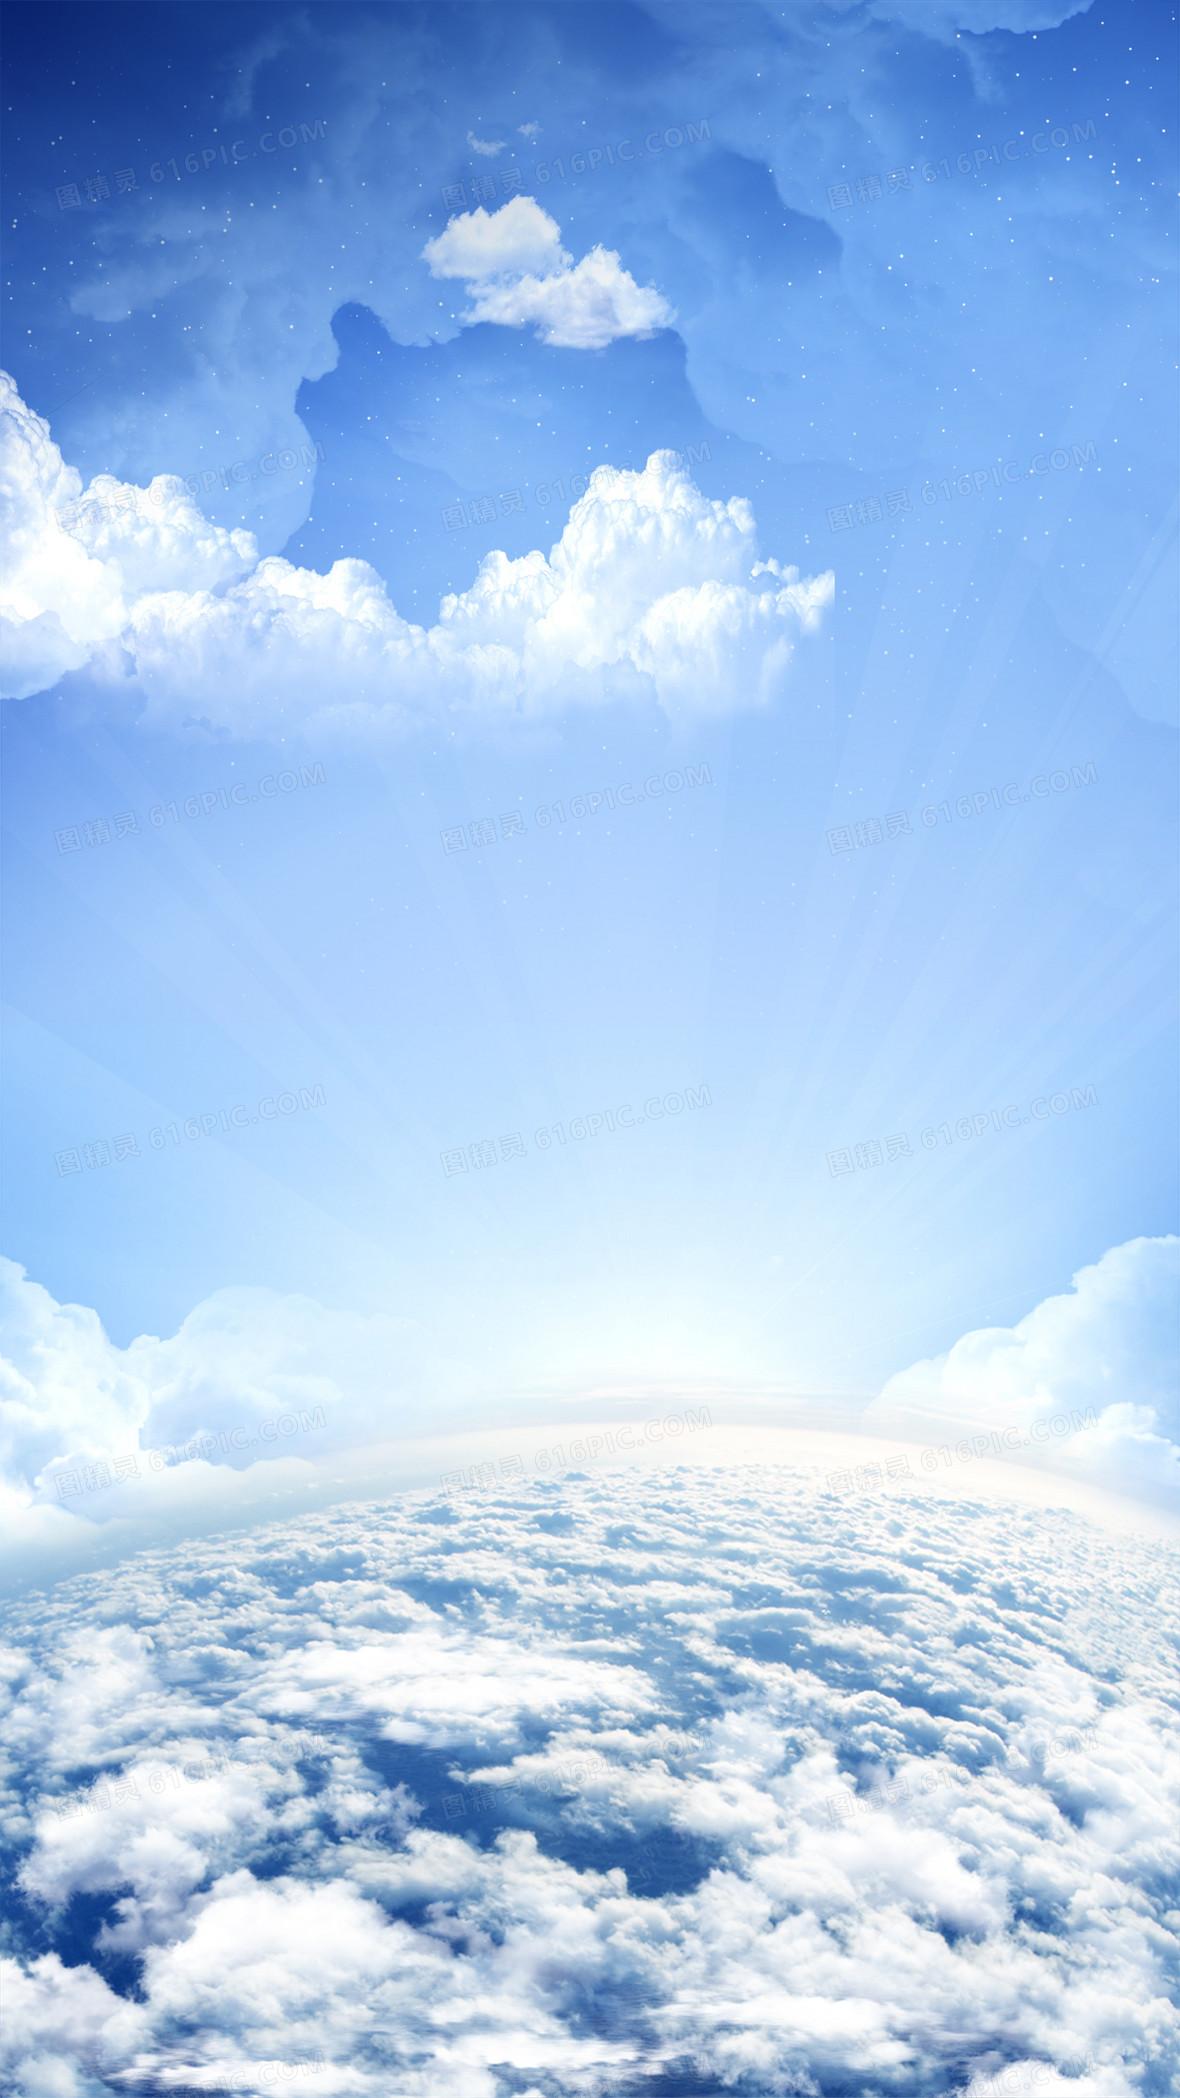 环保地球大气层背景素材